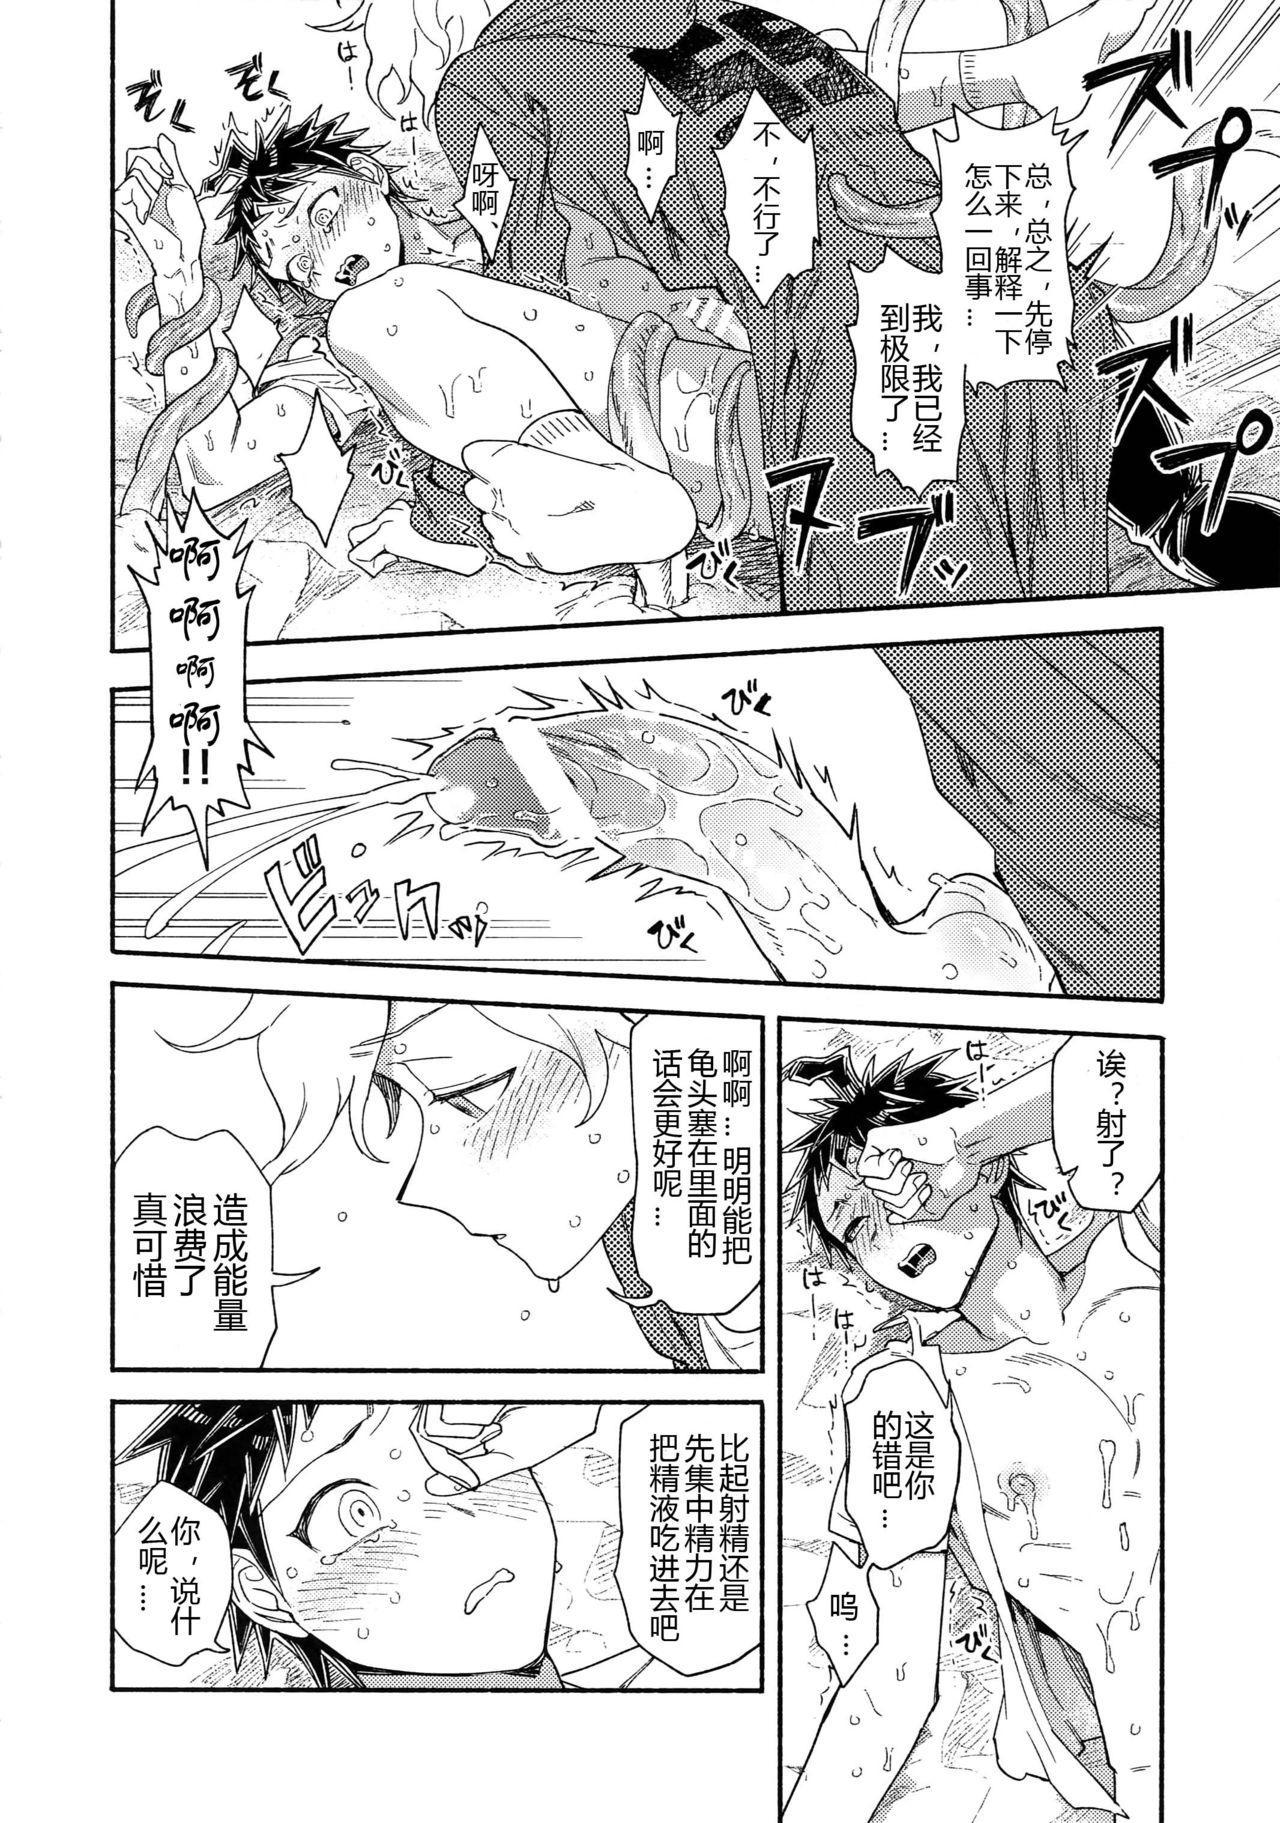 Tsunaide! Shokushu-kun! 连接吧!触手君! 38